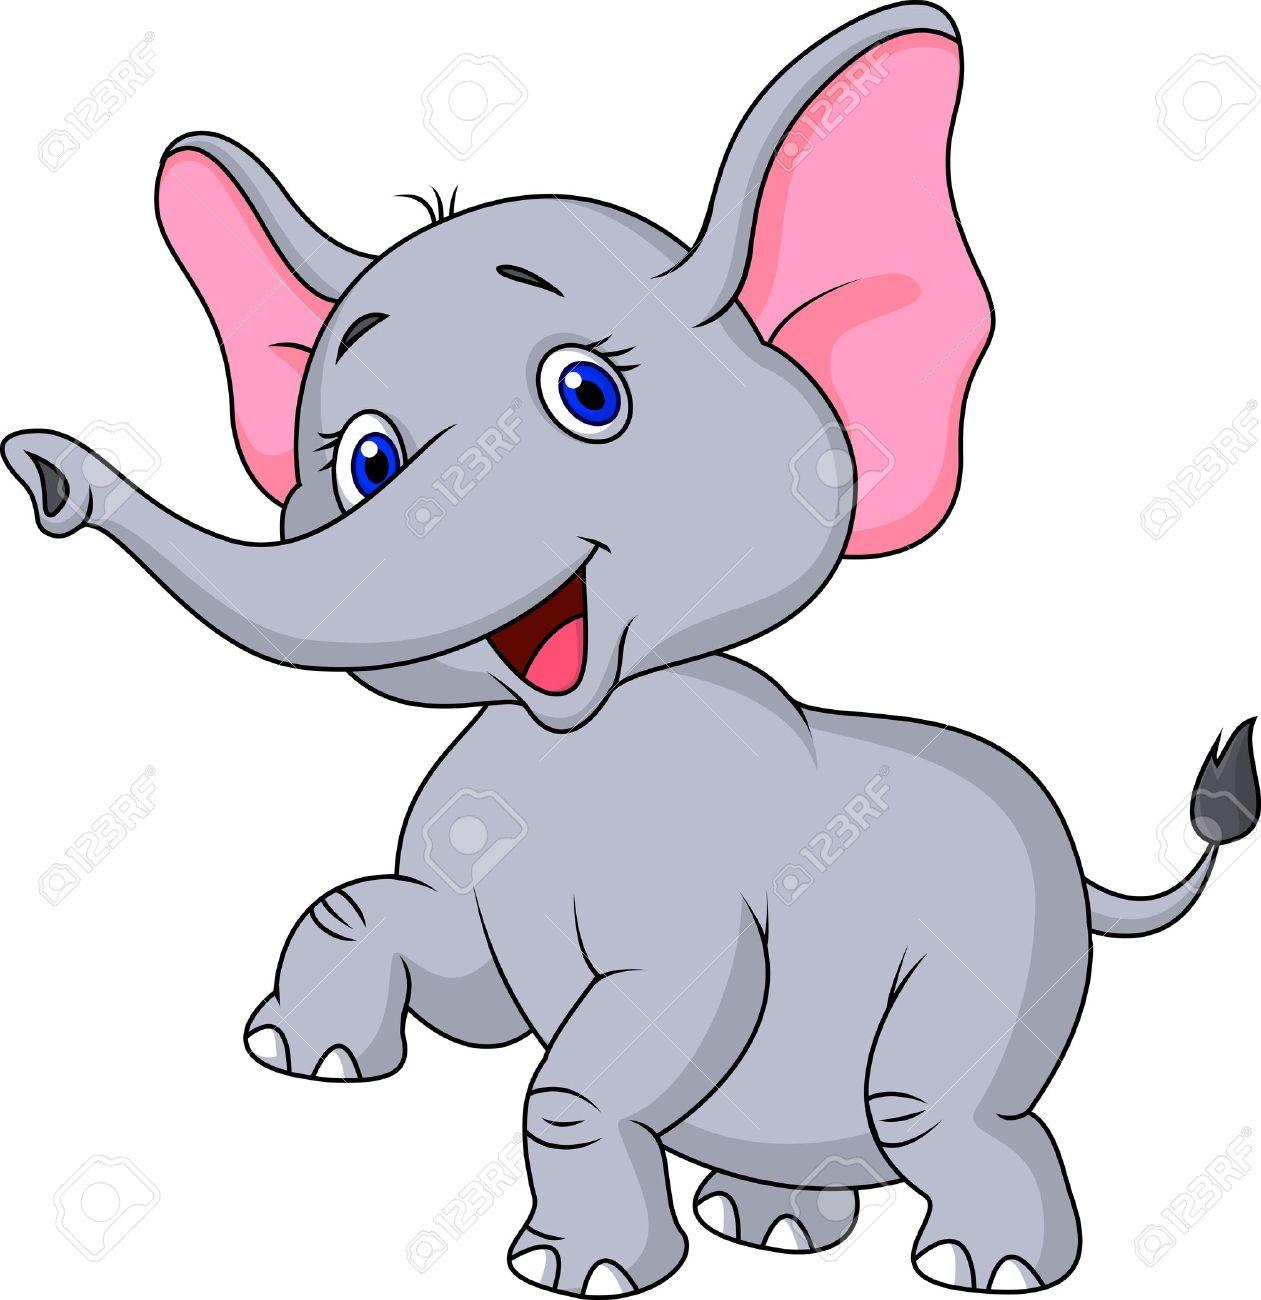 """Résultat de recherche d'images pour """"éléphant dessin*"""""""